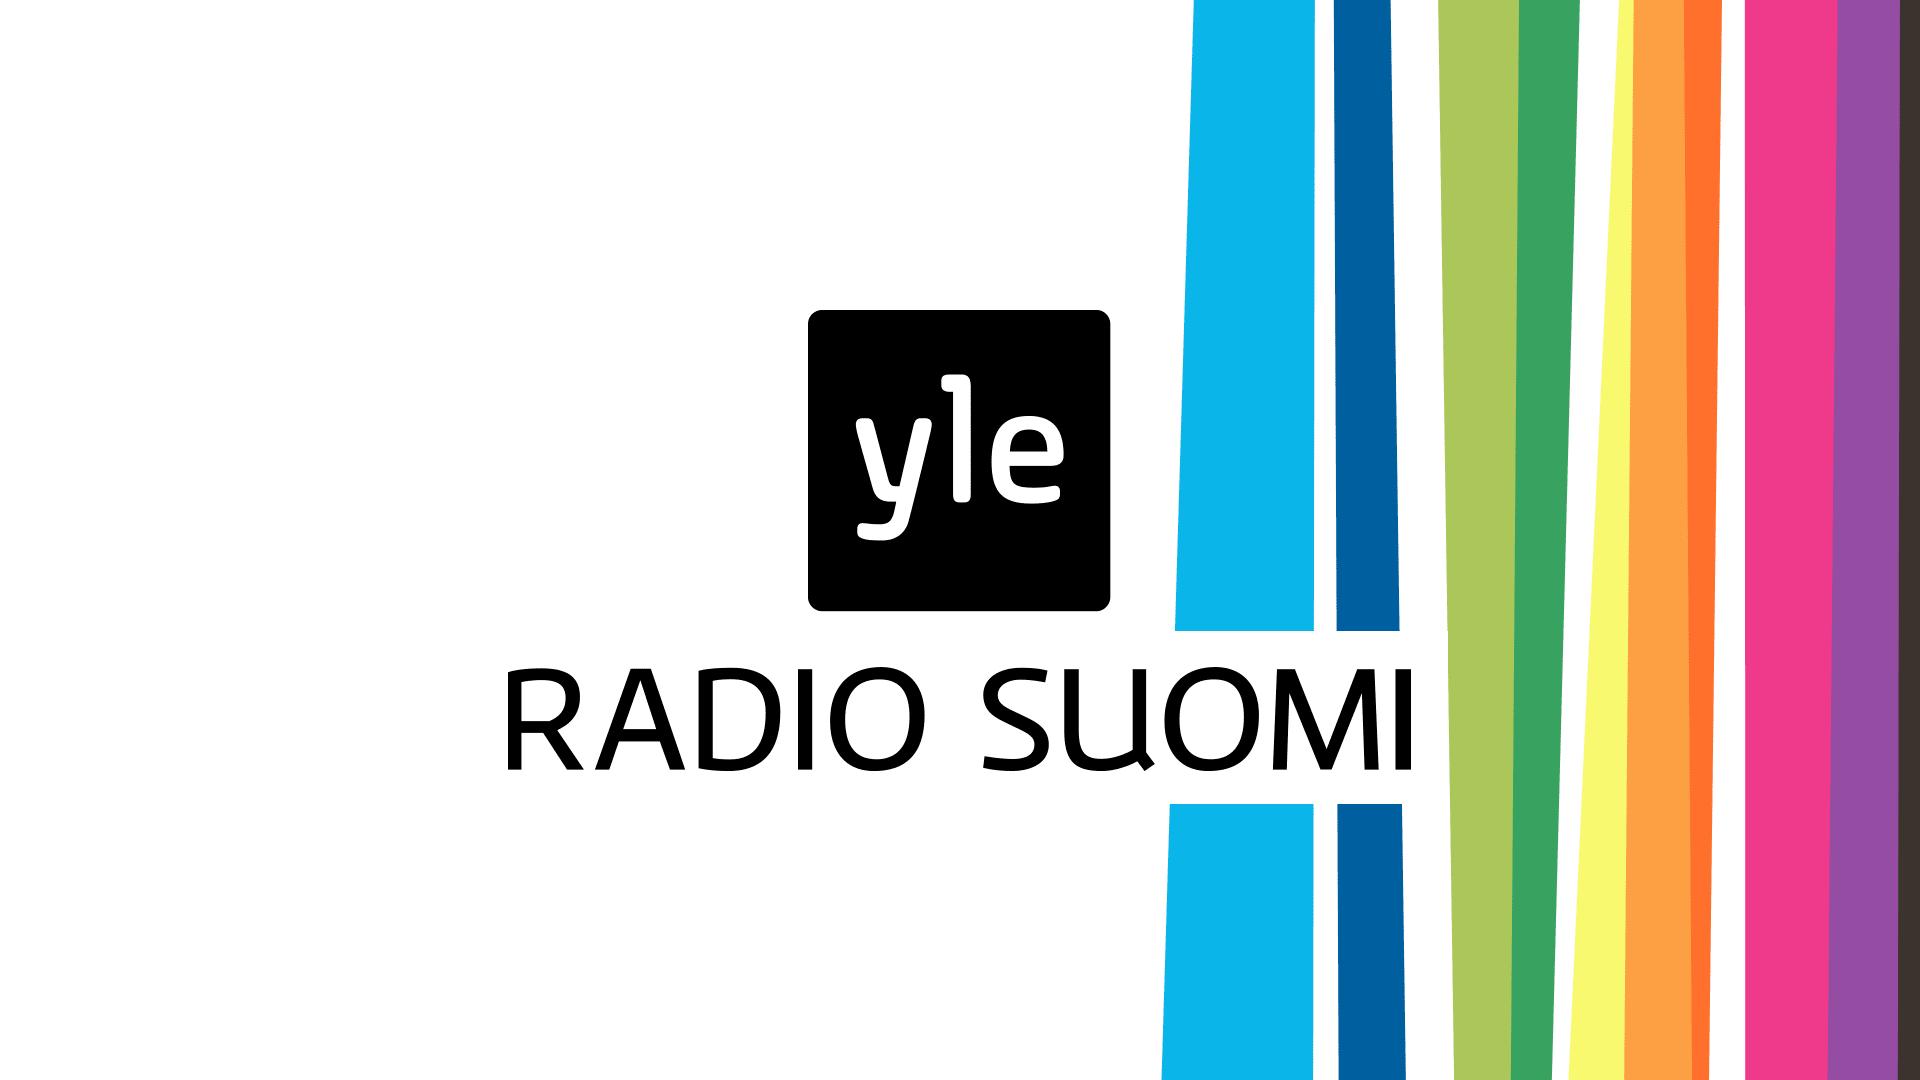 Yle Radio Suomi Soittolista